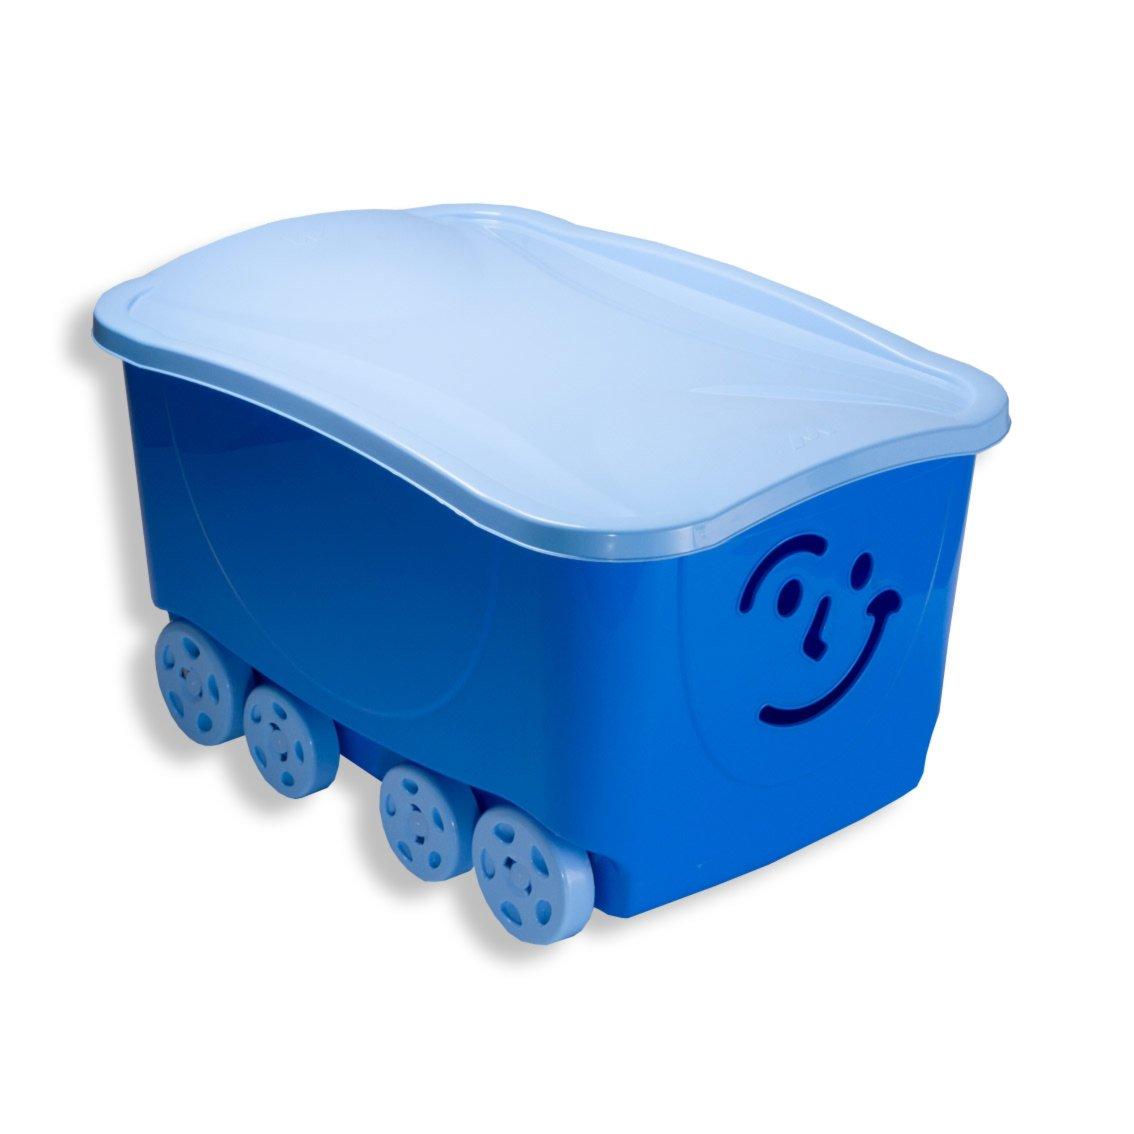 rollbox fancy blau mit deckel auf rollen spielzeug kinder jugendzimmer. Black Bedroom Furniture Sets. Home Design Ideas